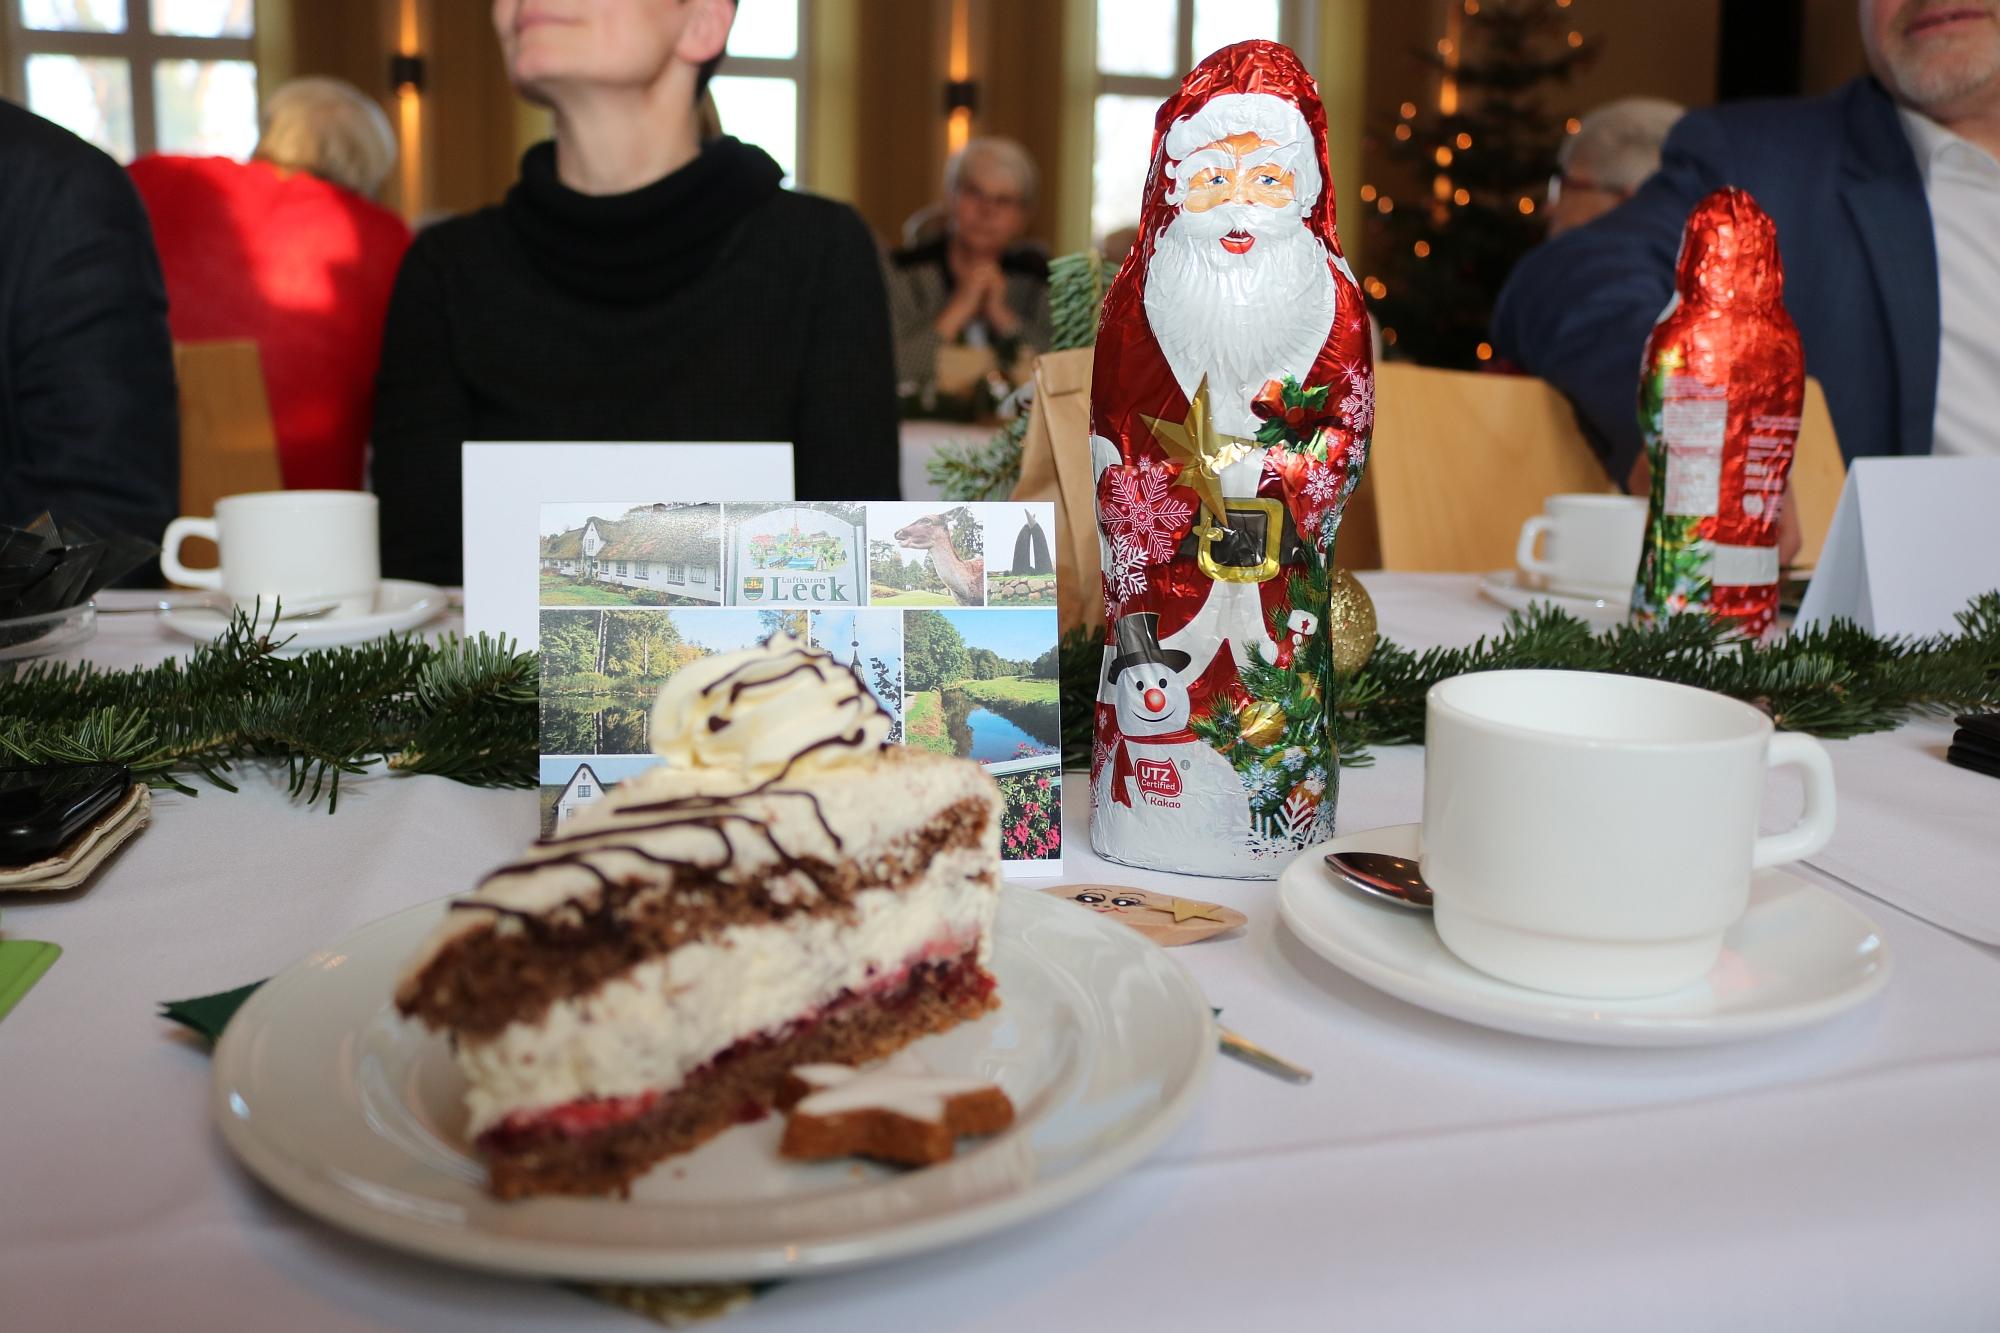 20191213 Senioren-Weihnachtsbacken Gemeinde Leck 8